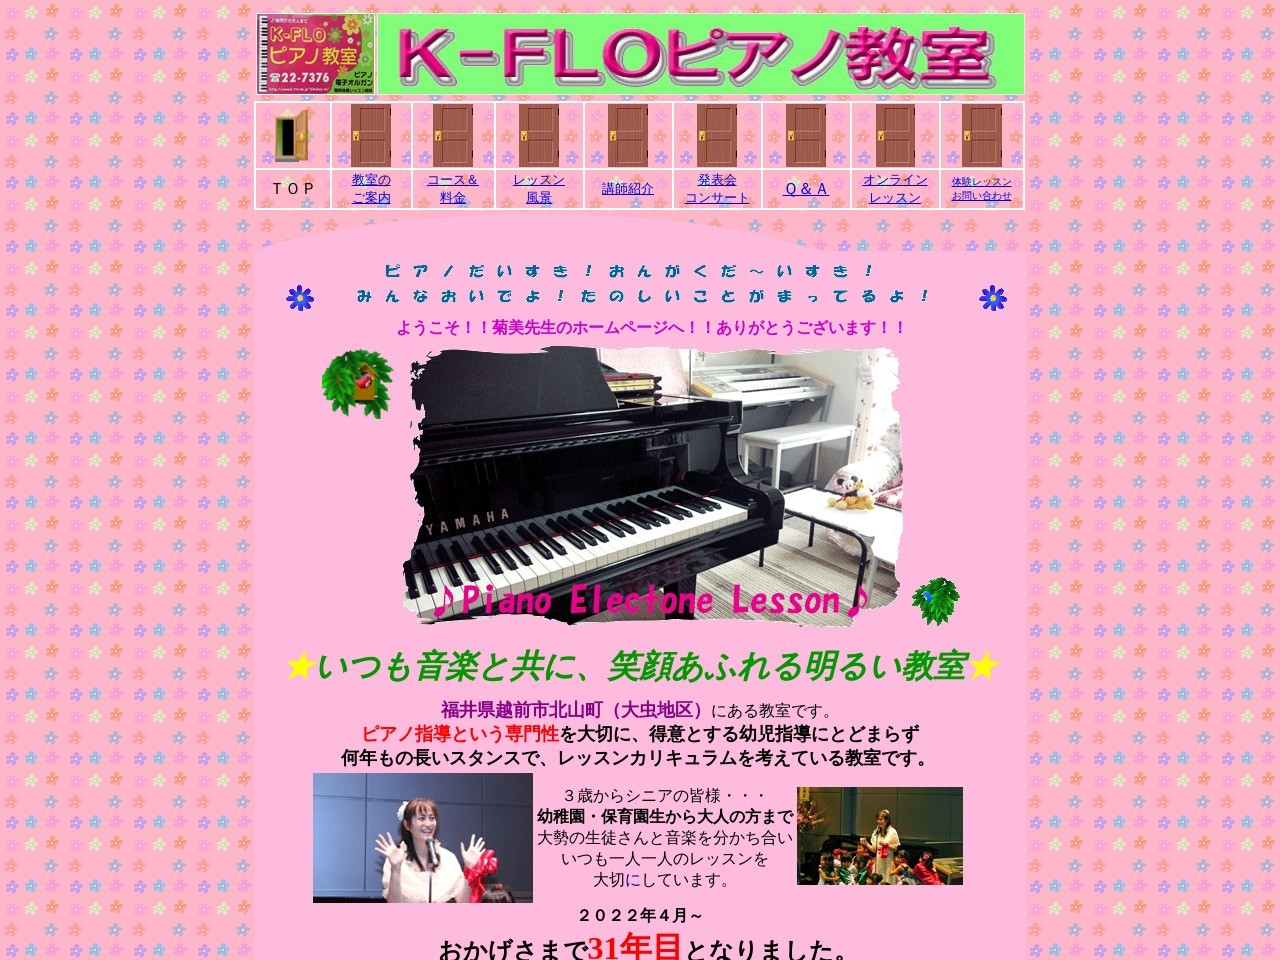 K-FLOピアノ教室のサムネイル